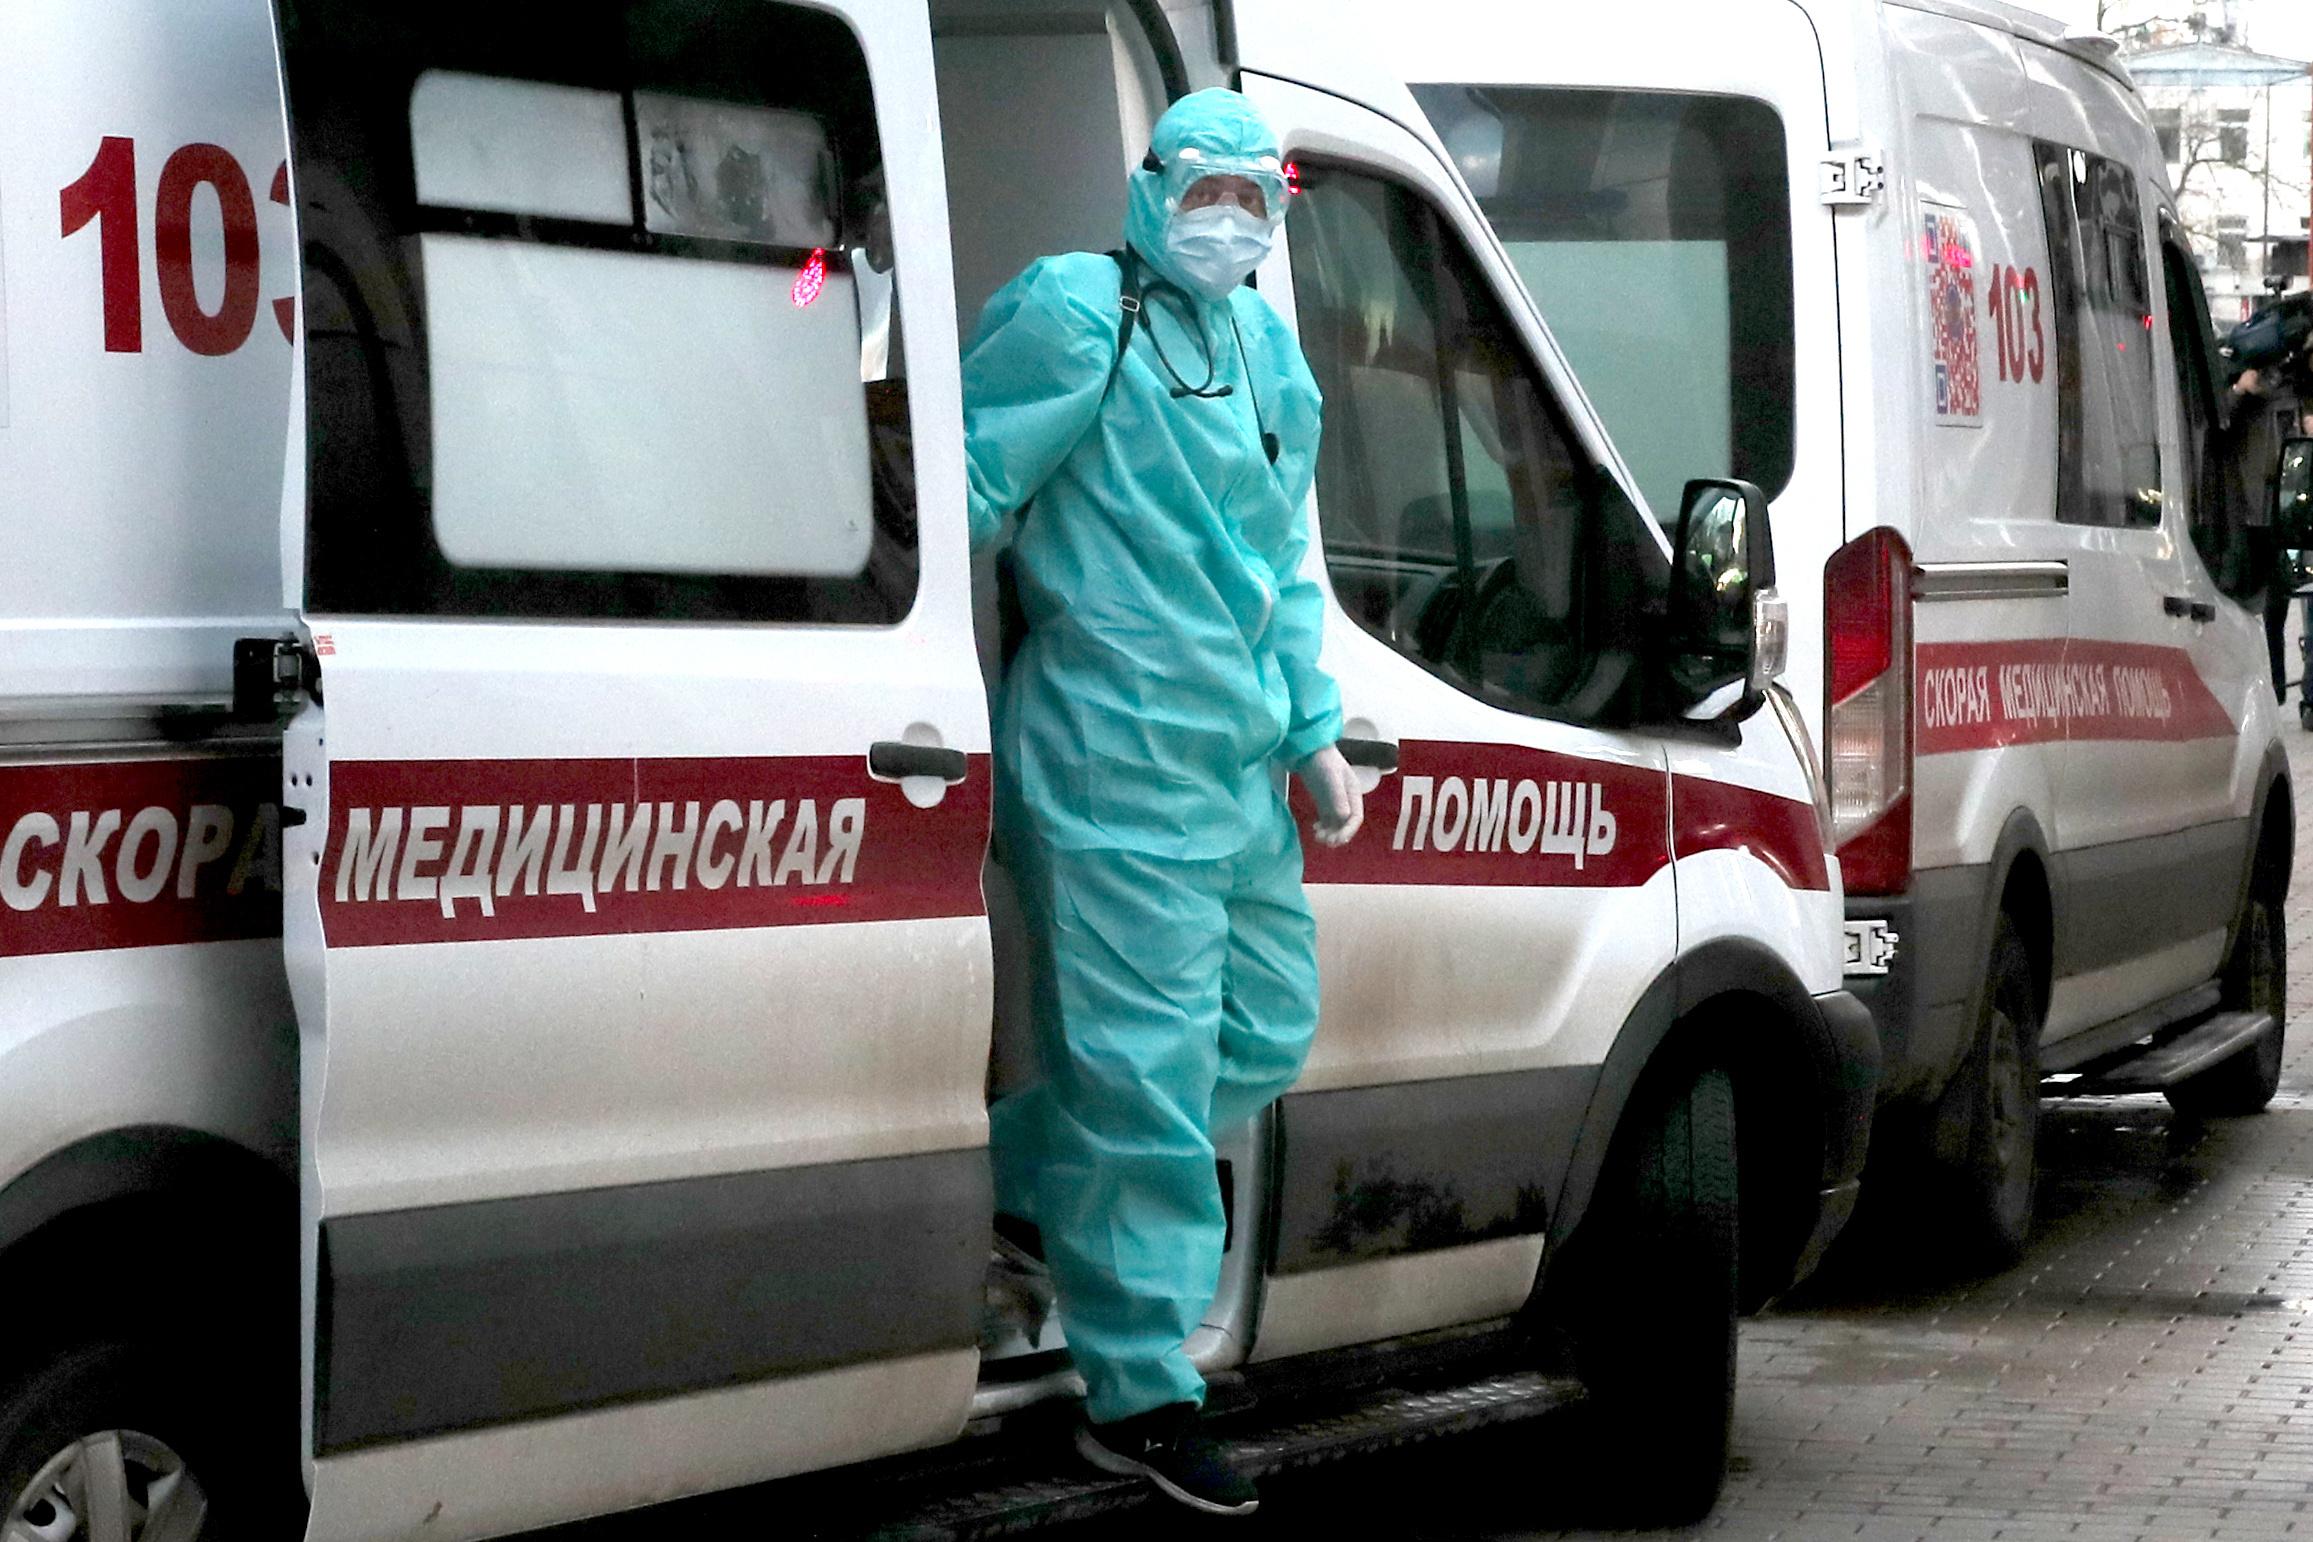 Учёный заявил о риске более масштабной пандемии через несколько лет